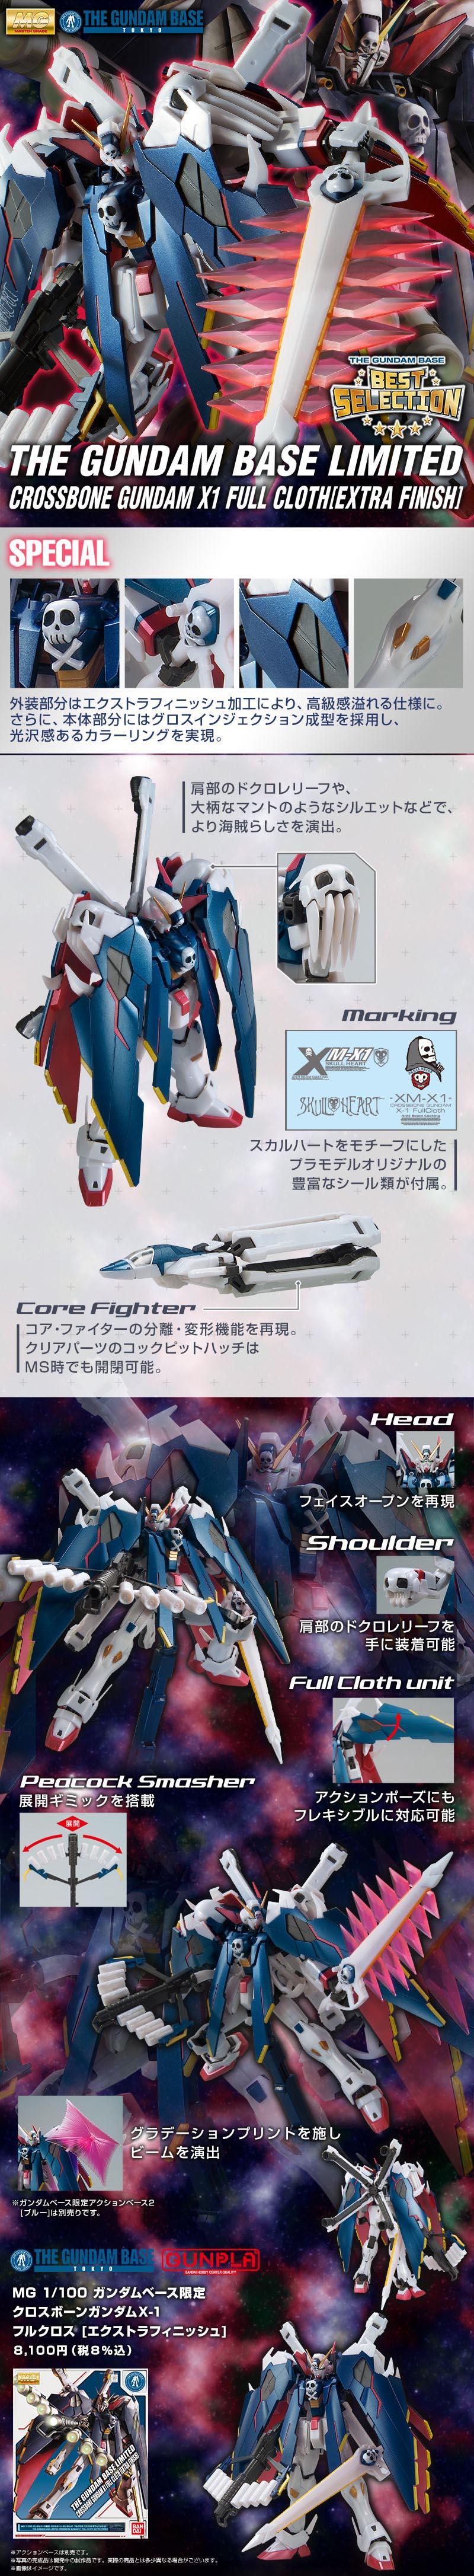 MG 1/100 クロスボーンガンダムX-1 フルクロス [エクストラフィニッシュ] 公式商品説明(画像)